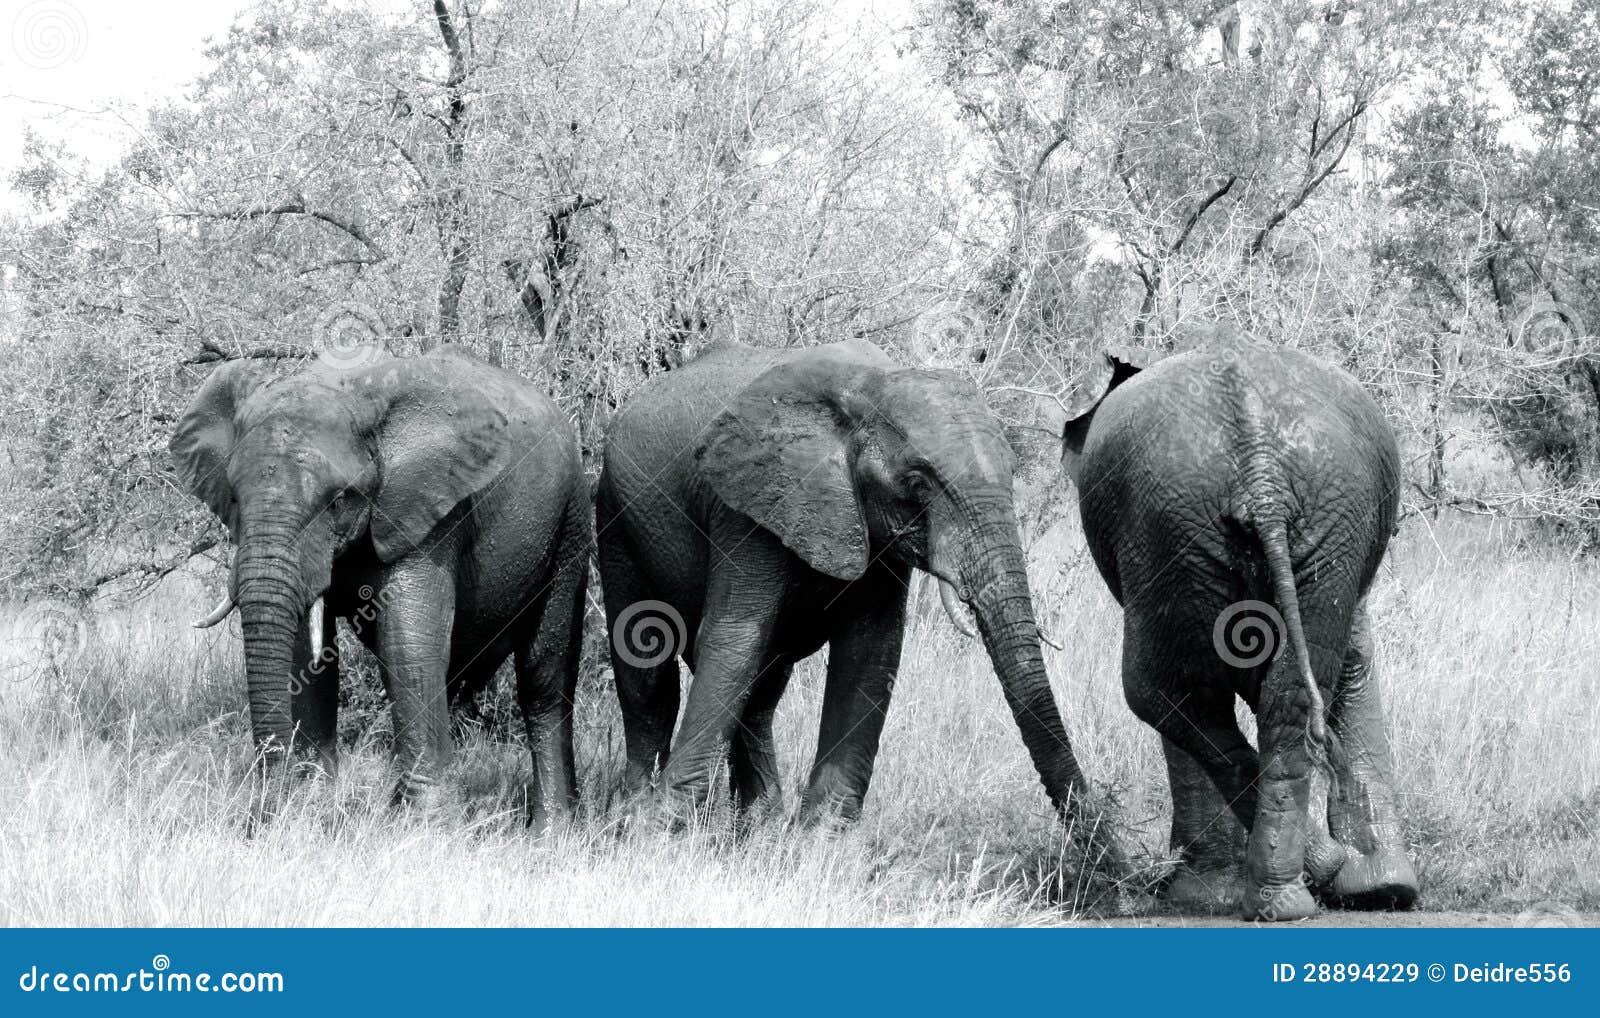 大象tusker野生生物黑白非洲大象.图片